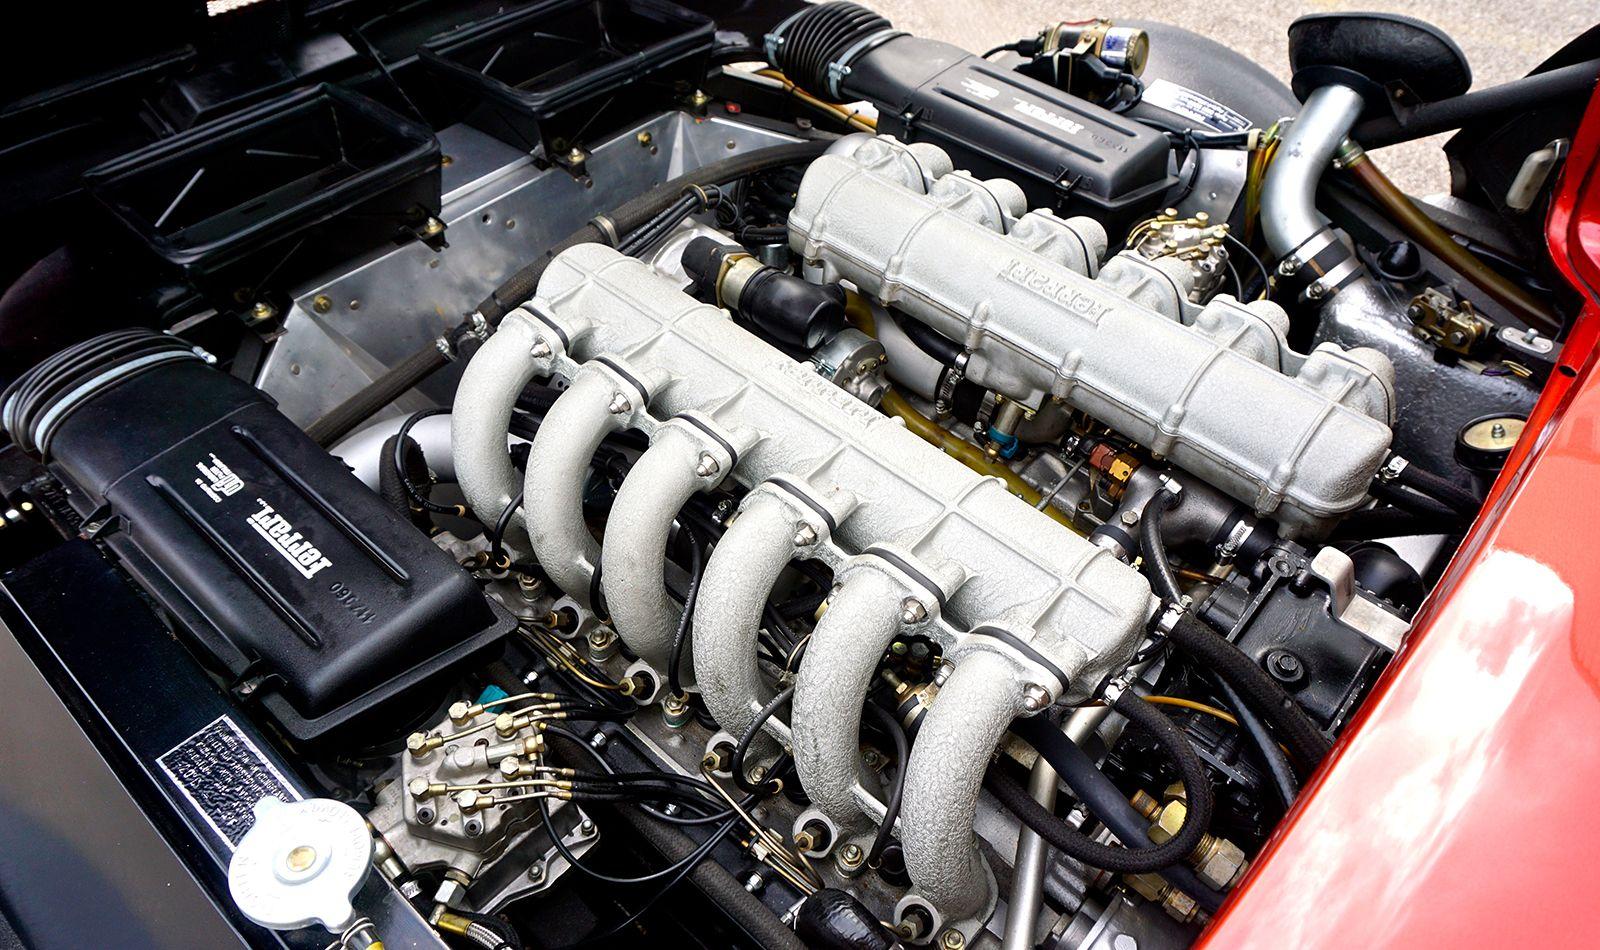 Ferrari 512 BBi Motor